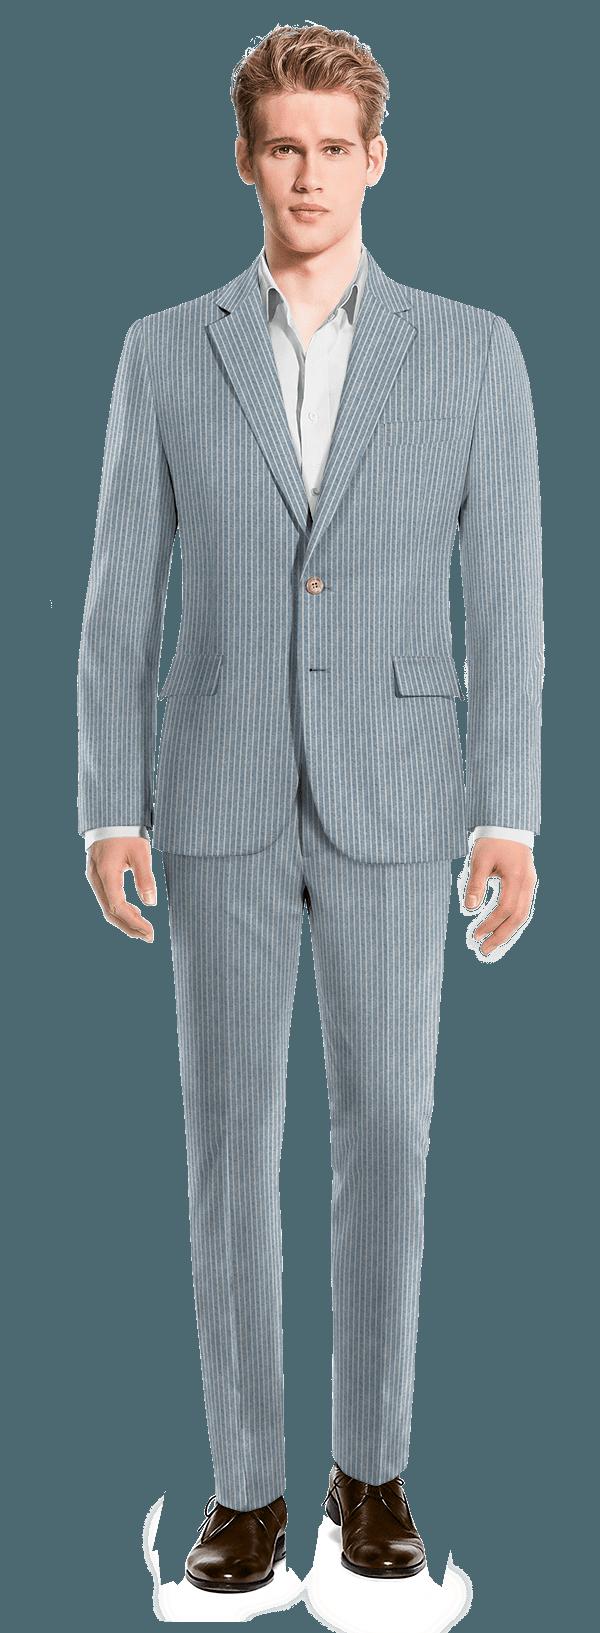 Blue striped linen Suit